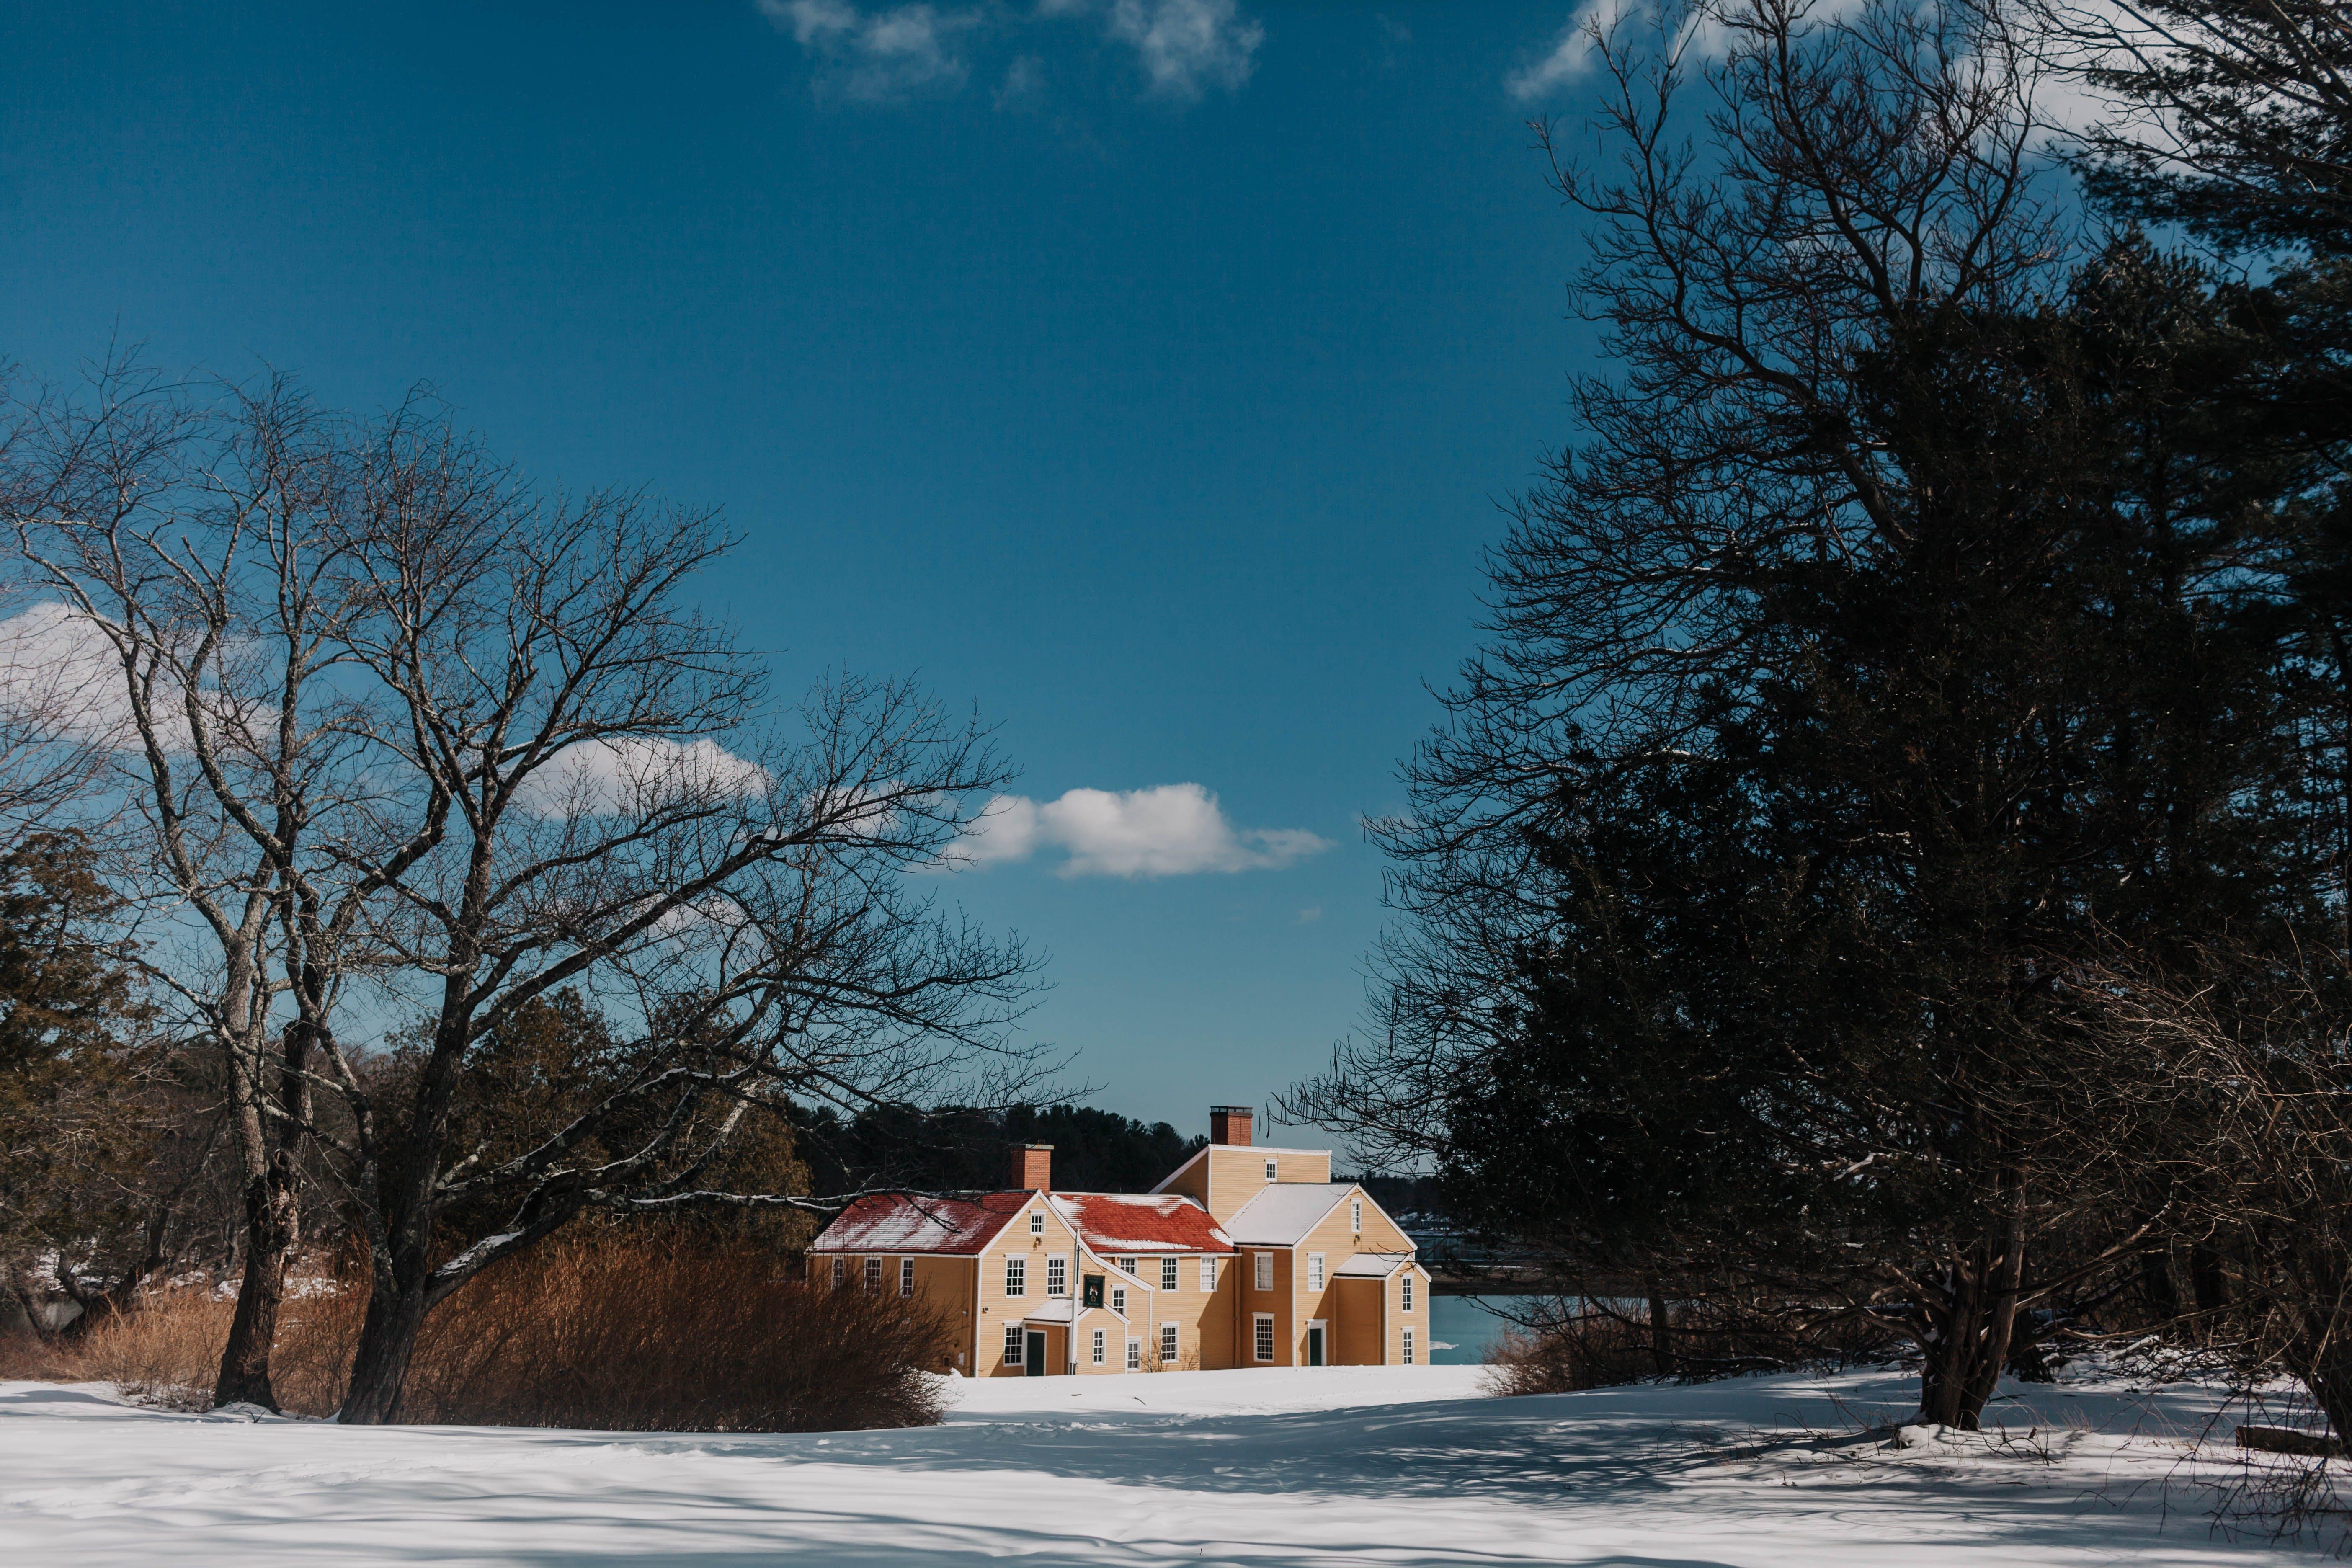 Безкоштовне стокове фото на тему «іній, голі дерева, дім, Денне світло»